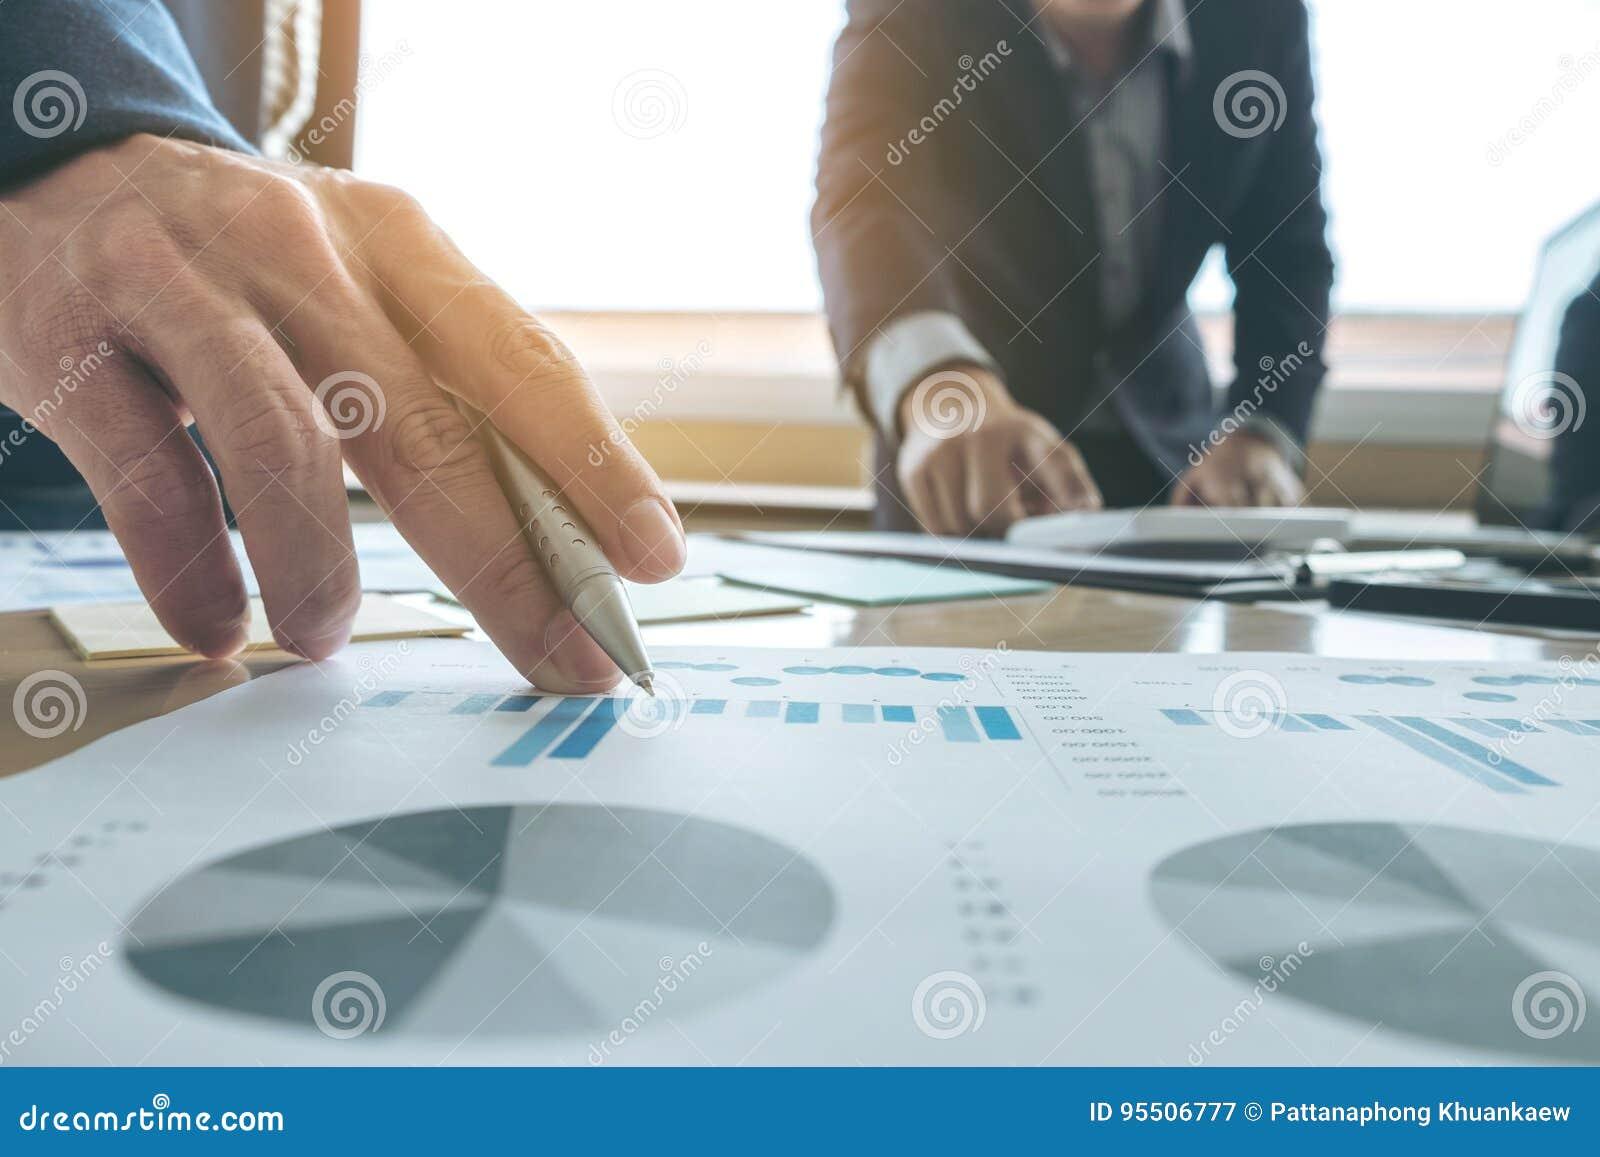 遇见礼物的企业队 秘书介绍新的想法和制造报告对有新的财务项目的职业投资者